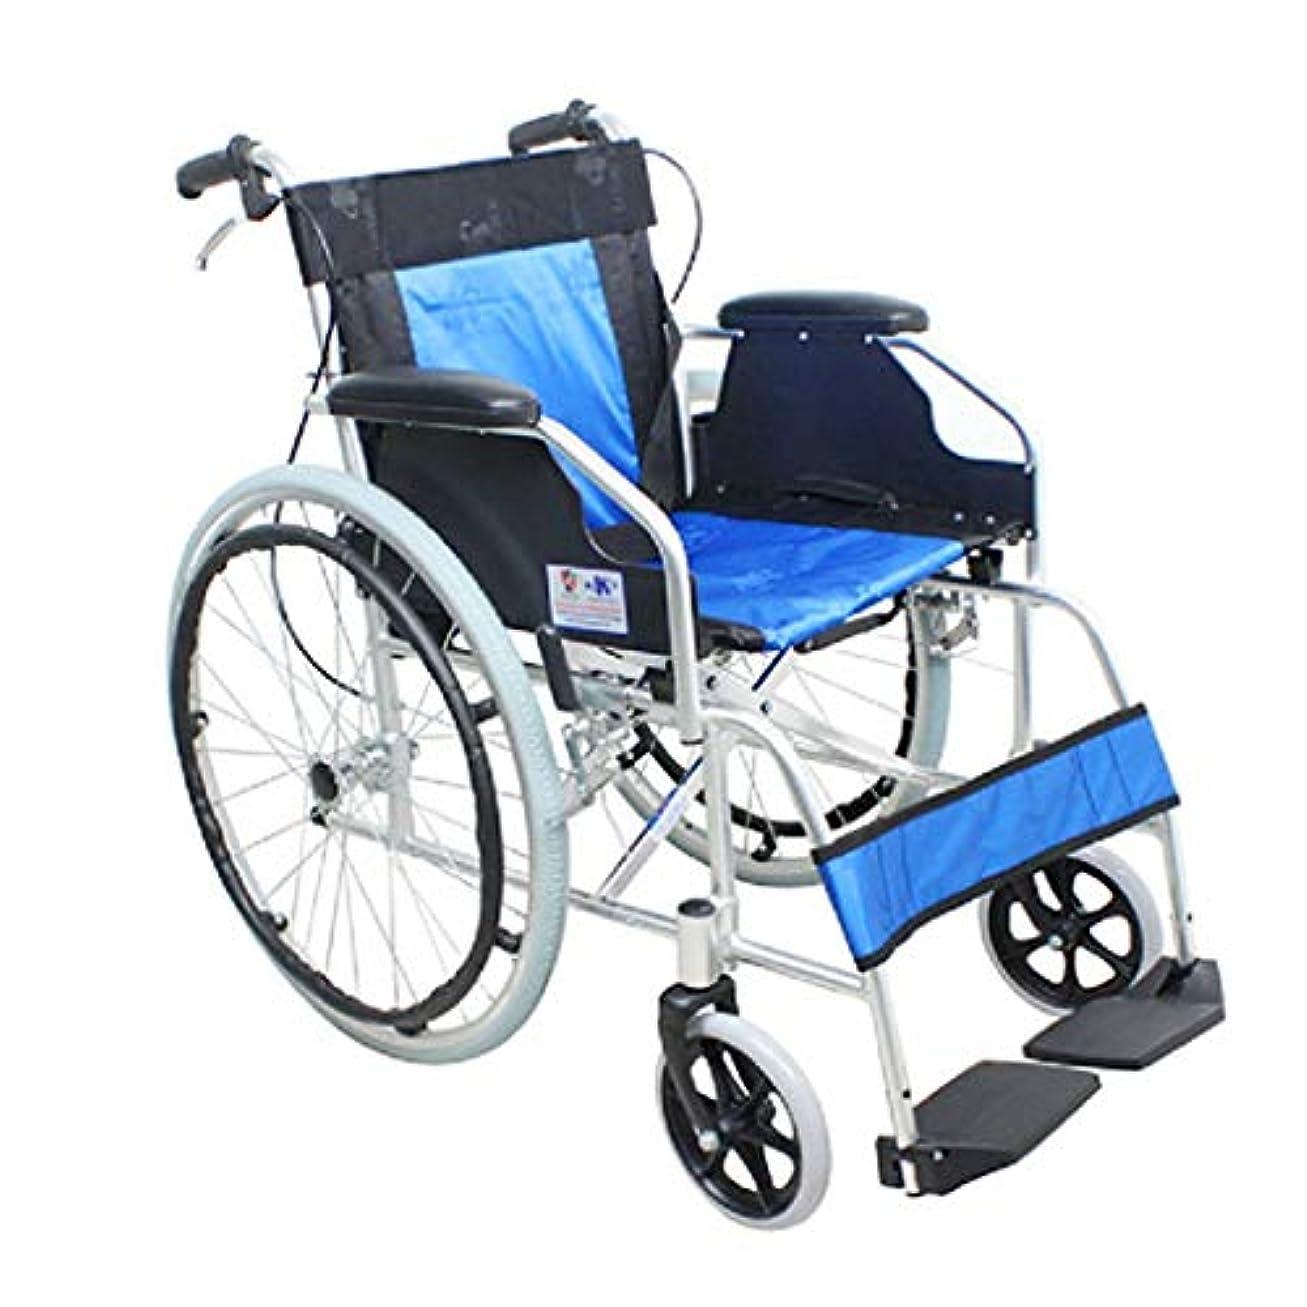 ラウンジ記念。アルミ合金車椅子折りたたみポータブル障害者高齢者車椅子4ブレーキデザインバックストレージバッグ